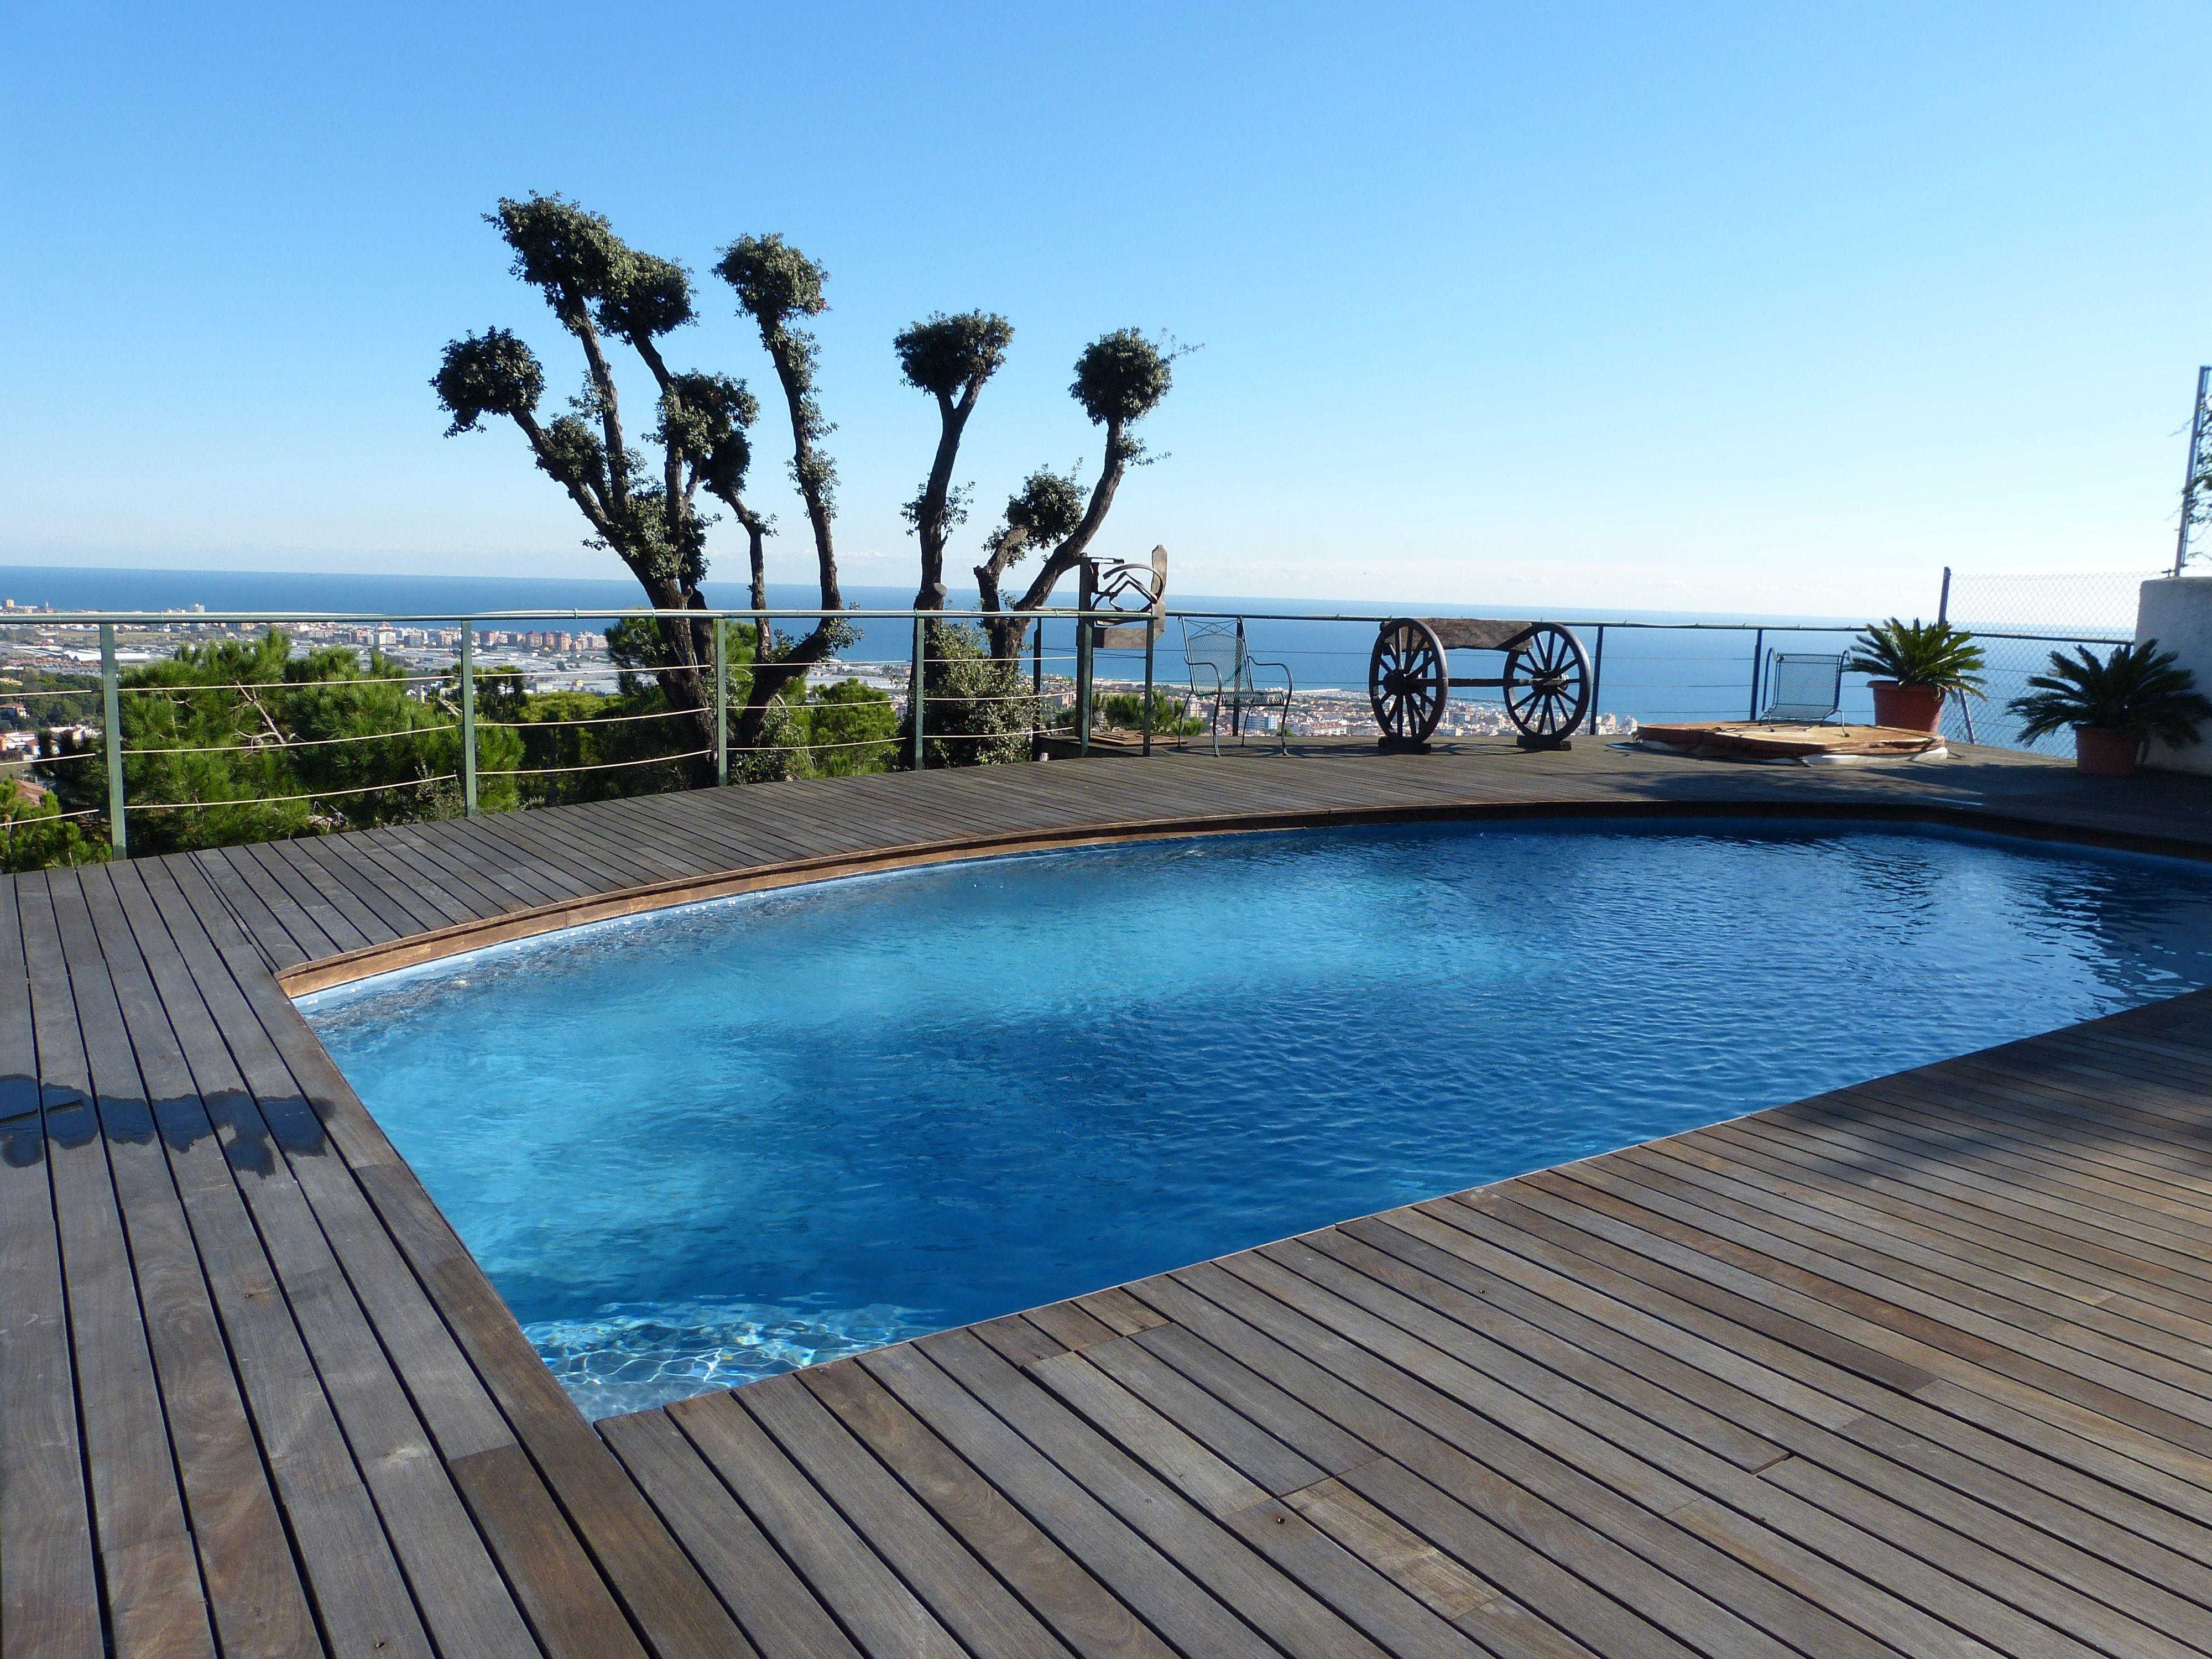 Piscina microcemento piscinas de microcemento pulido for Construccion de piscinas de concreto